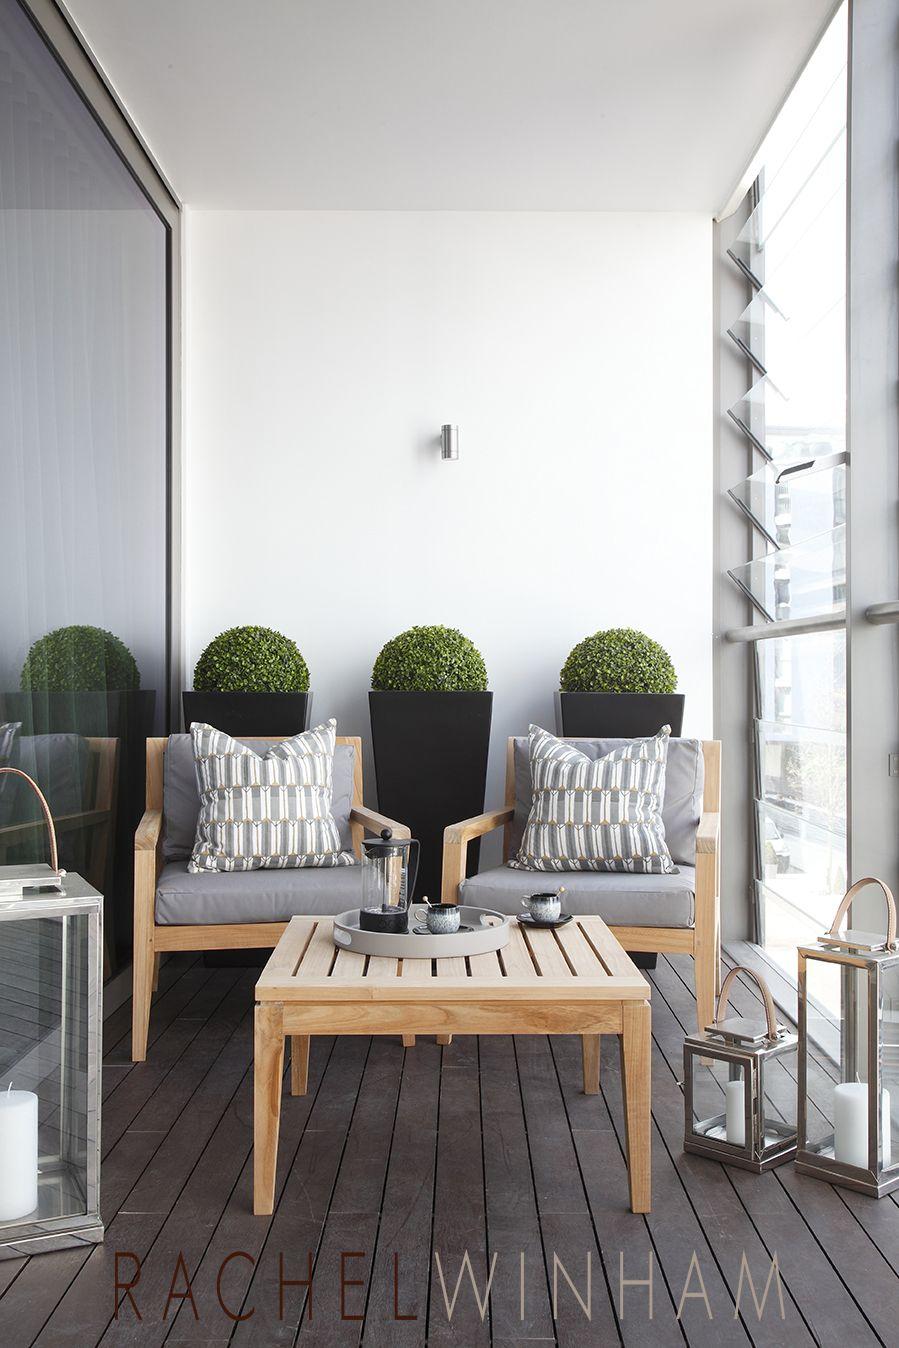 Um pequeno ambiente para colocar plantas e moveis for Balcony designs for apartments